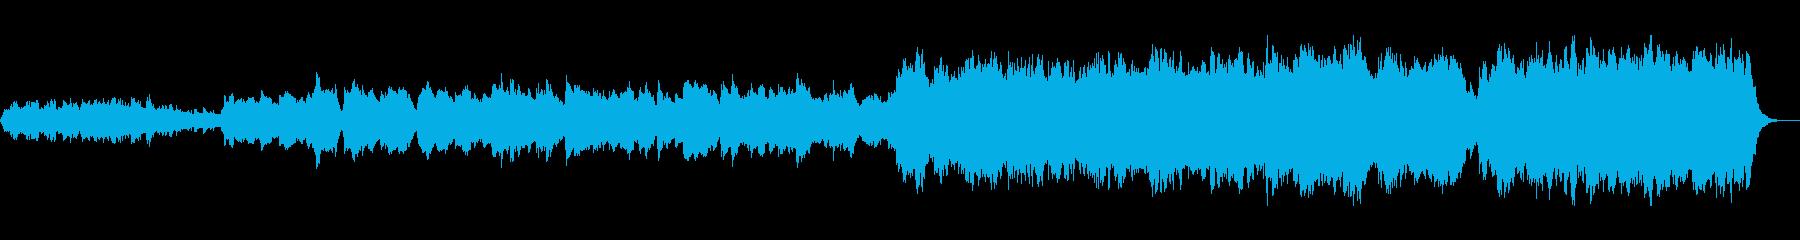 優しくゆったり管弦楽器シンセサウンドの再生済みの波形